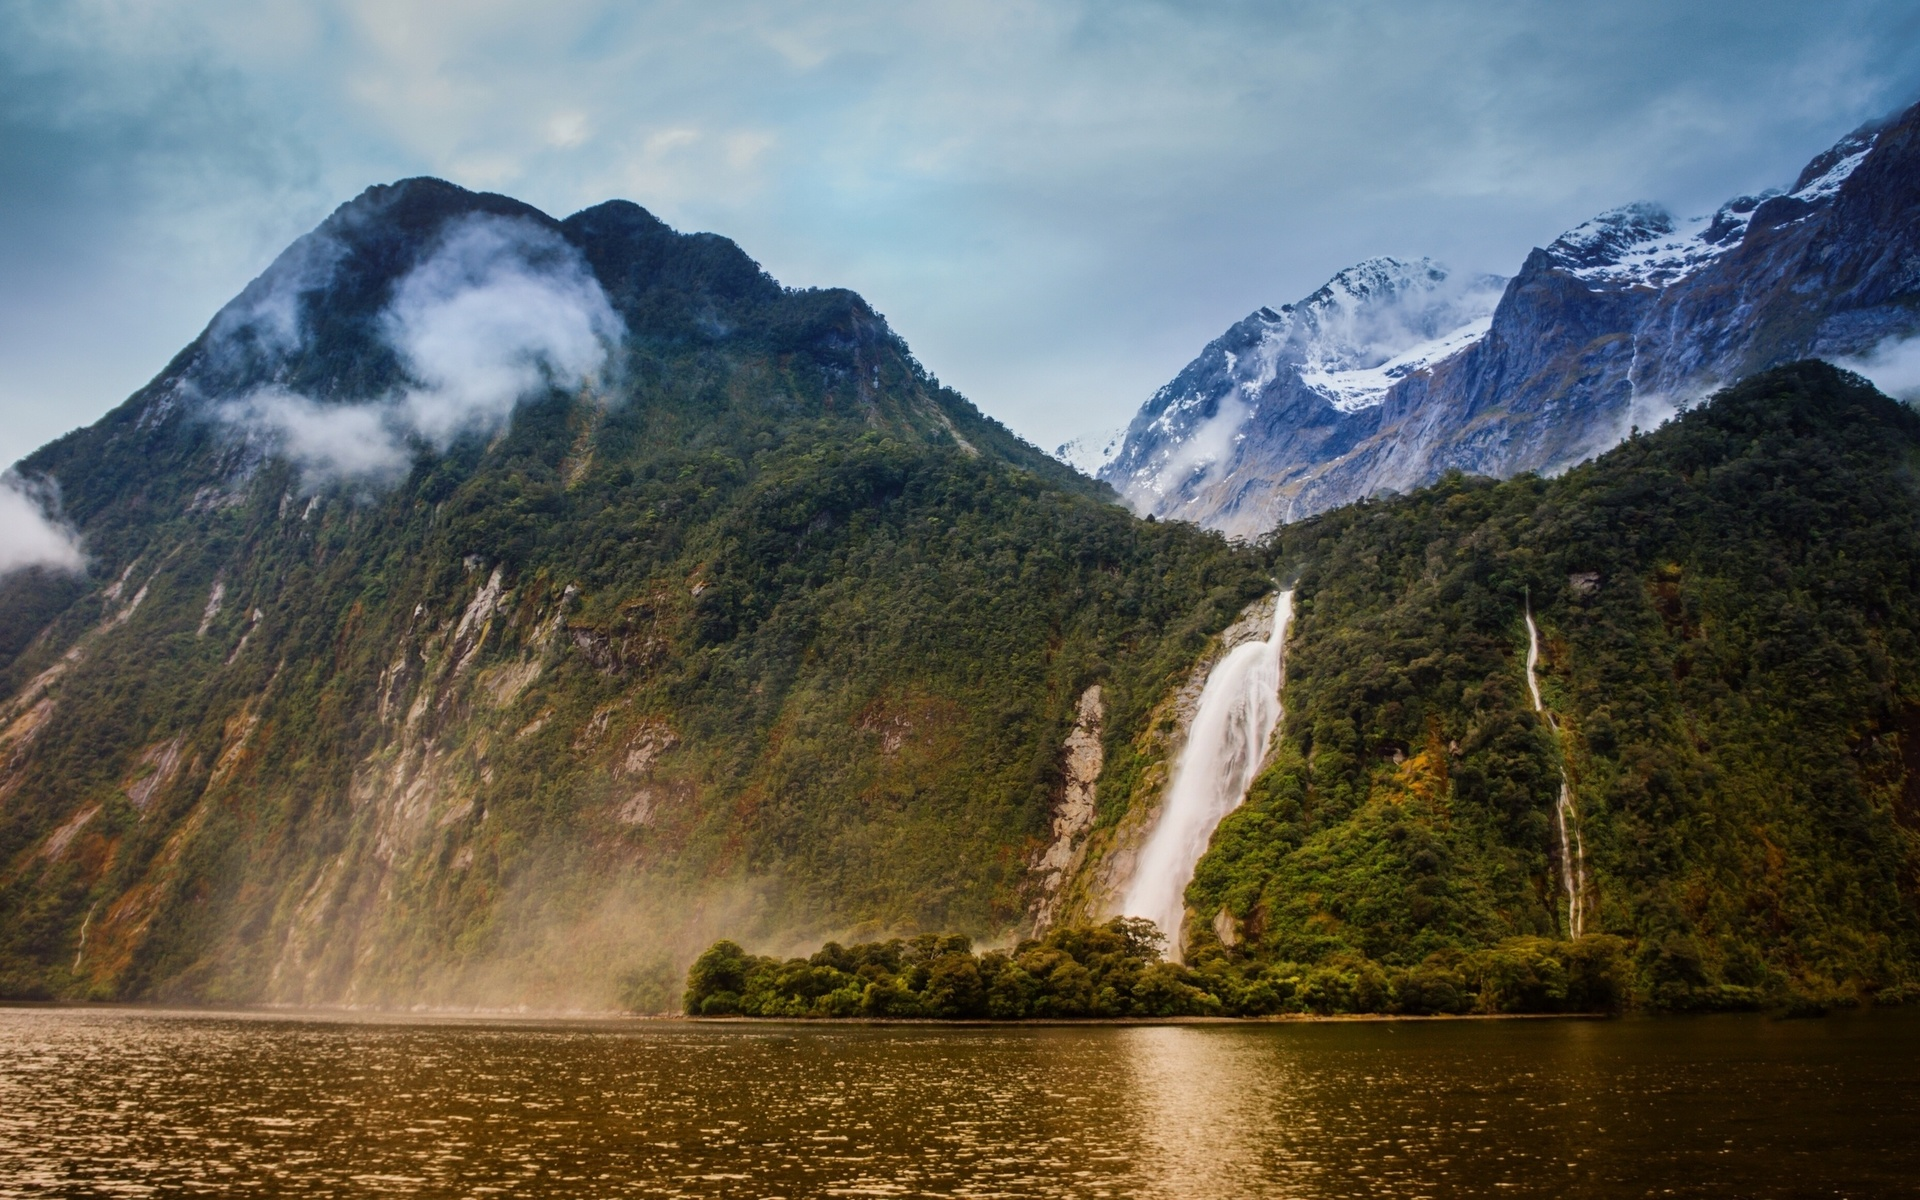 smotret-video-priroda-novoy-zelandii-ero-foto-razvratnaya-sosedka